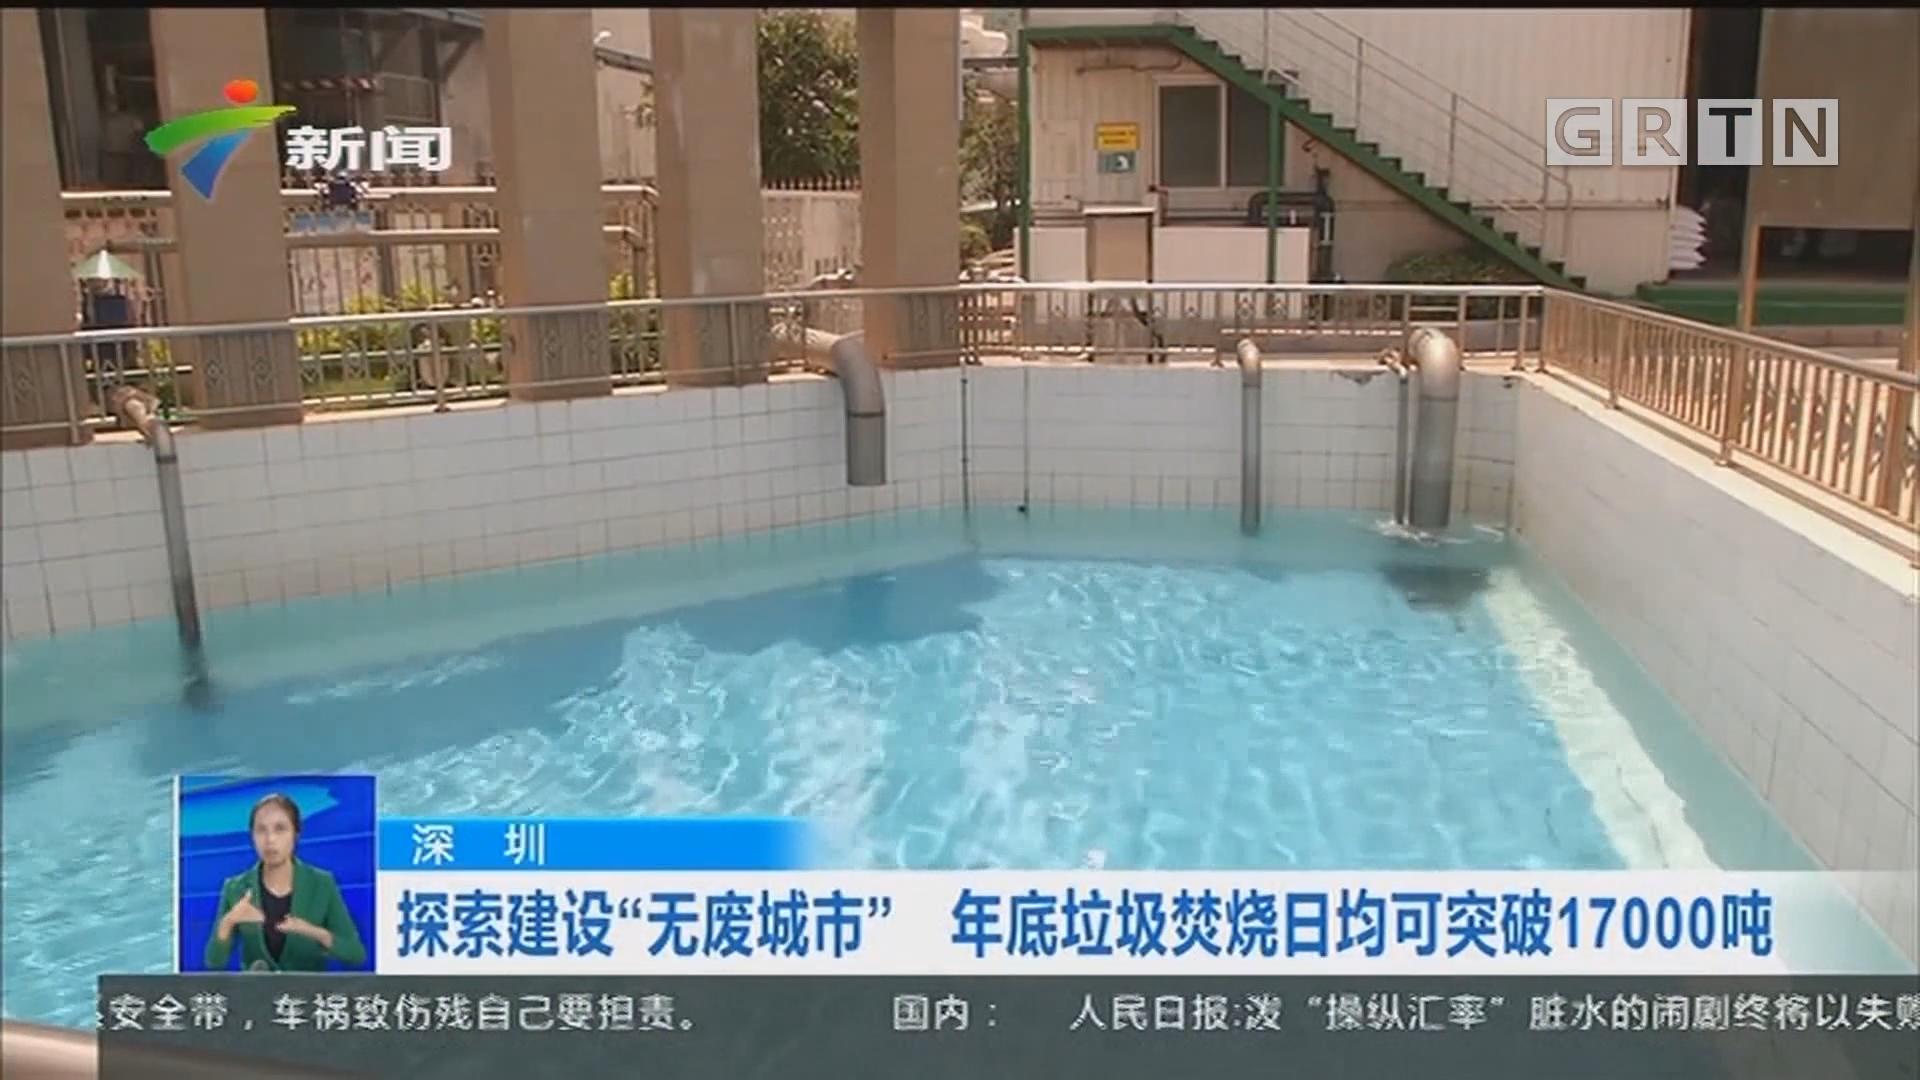 """深圳:探索建设""""无废城市"""" 年底垃圾焚烧日均可突破17000吨"""